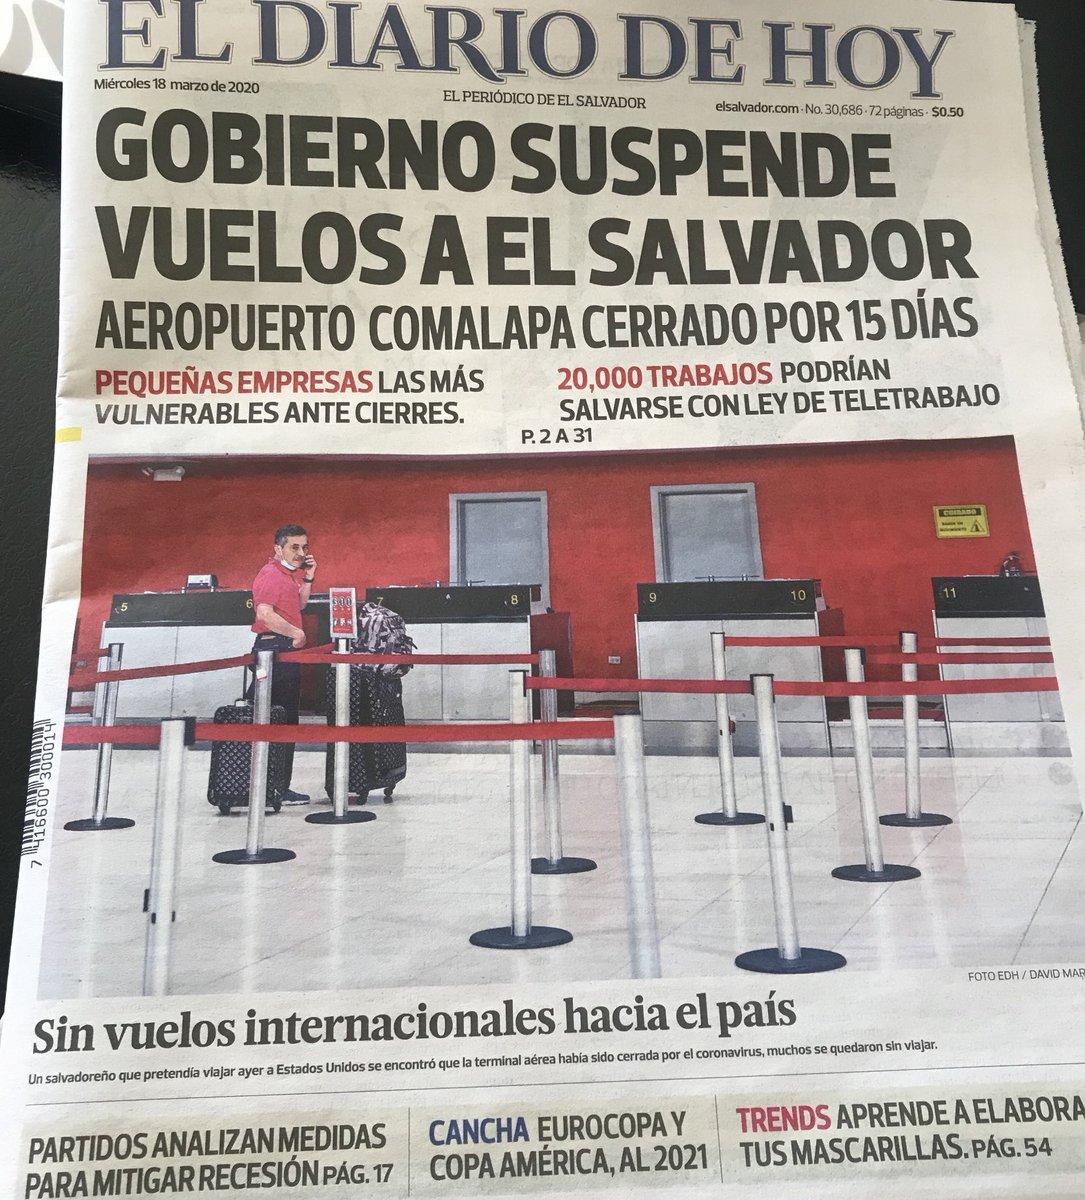 Aeropuerto Internacional de El Salvador reinicia operaciones comerciales tras 6 meses cerrado✈️ #SAL #MSLP AIES-SOARG 🙏🏻 San Luis Talpa #LaPaz #Comalapa🇸🇻 https://t.co/EXEa2g8s4a